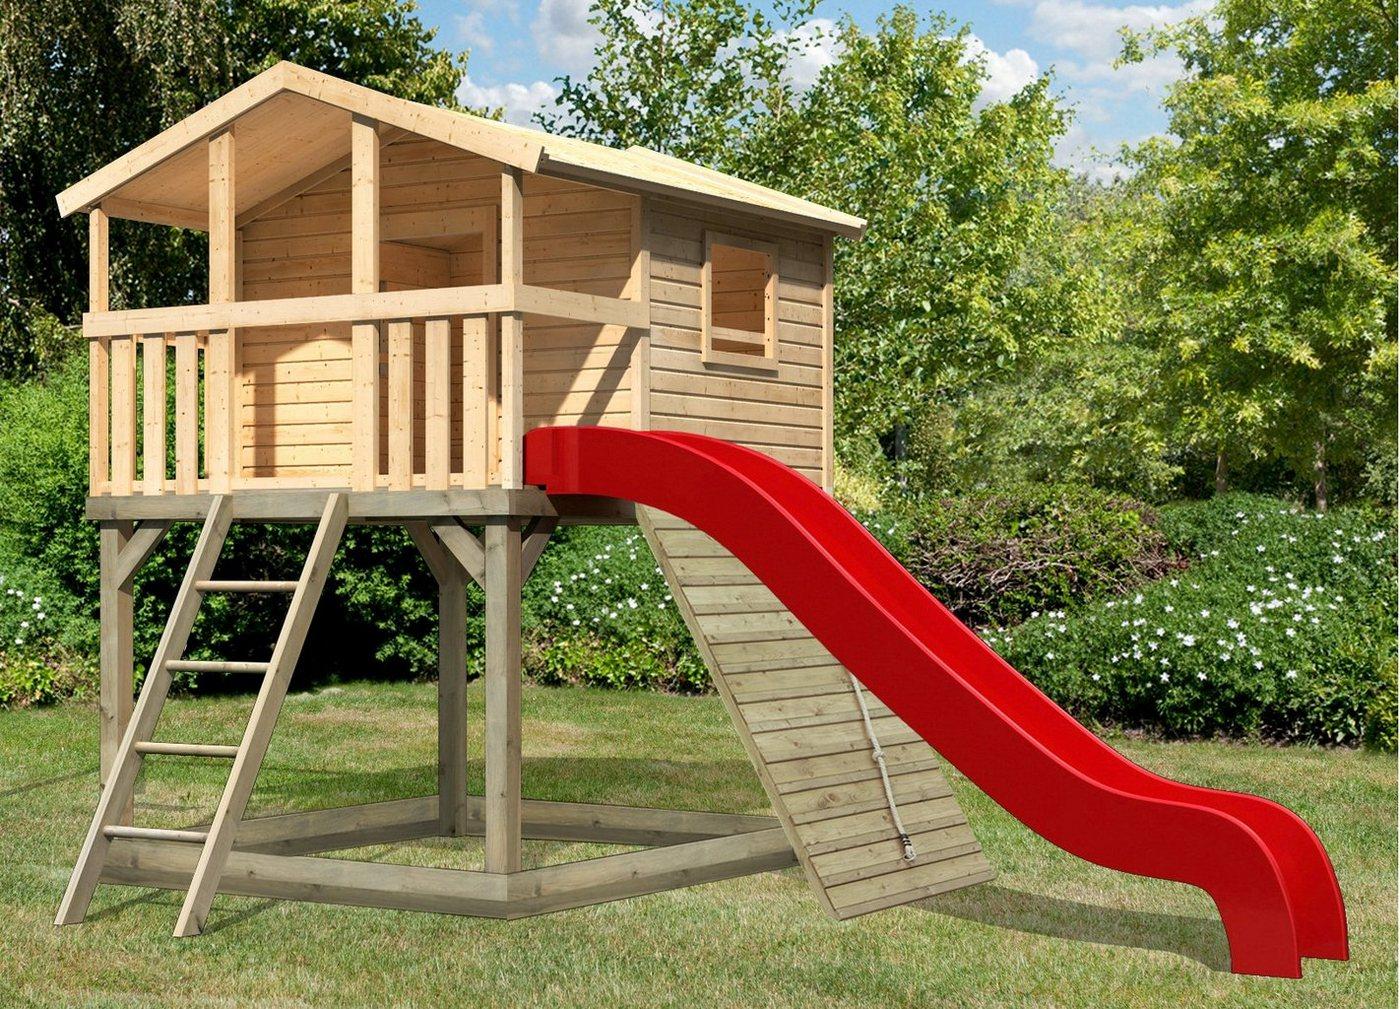 KARIBU Spielturm »Unfug 7«, BxT: 198x236 cm, mit Sandkasten, Rutsche, Holzrampe